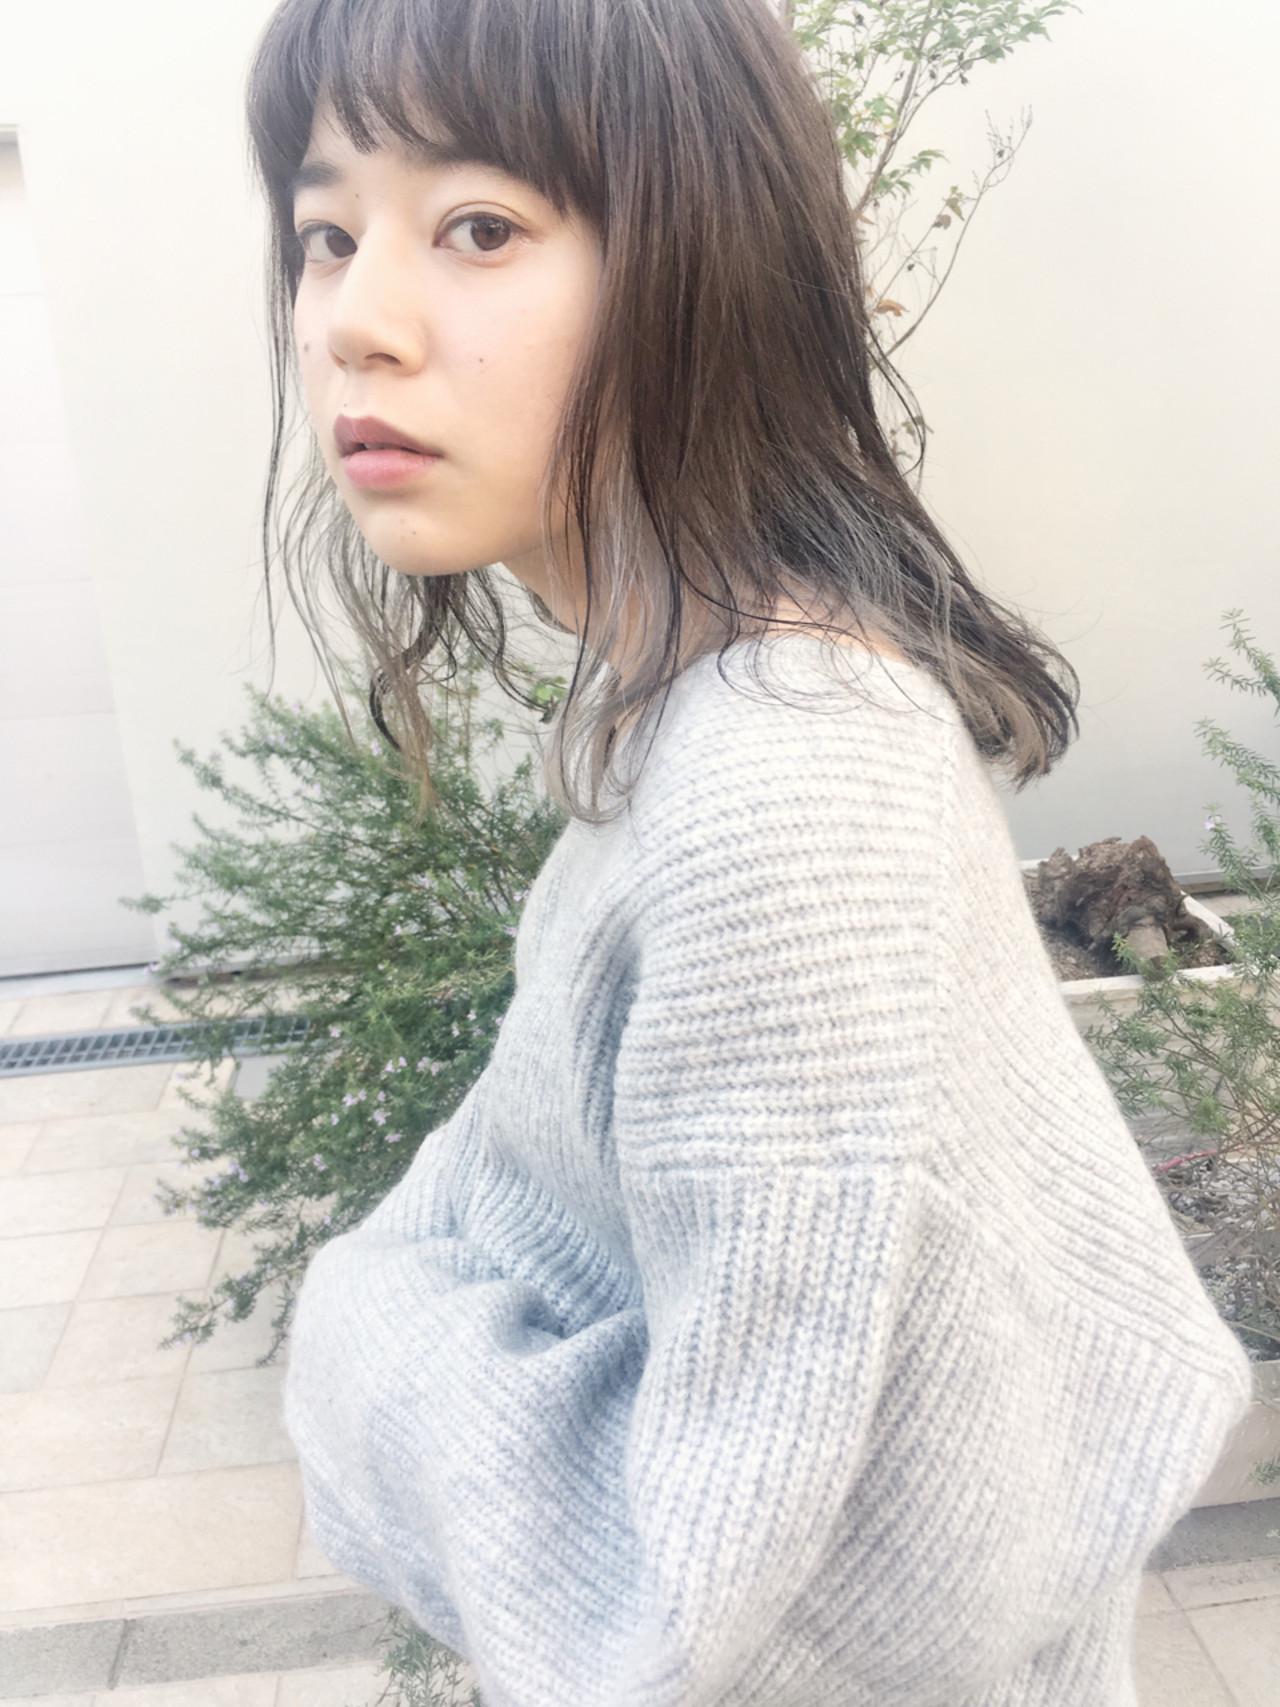 アンニュイ 秋 外国人風 ウェーブ ヘアスタイルや髪型の写真・画像